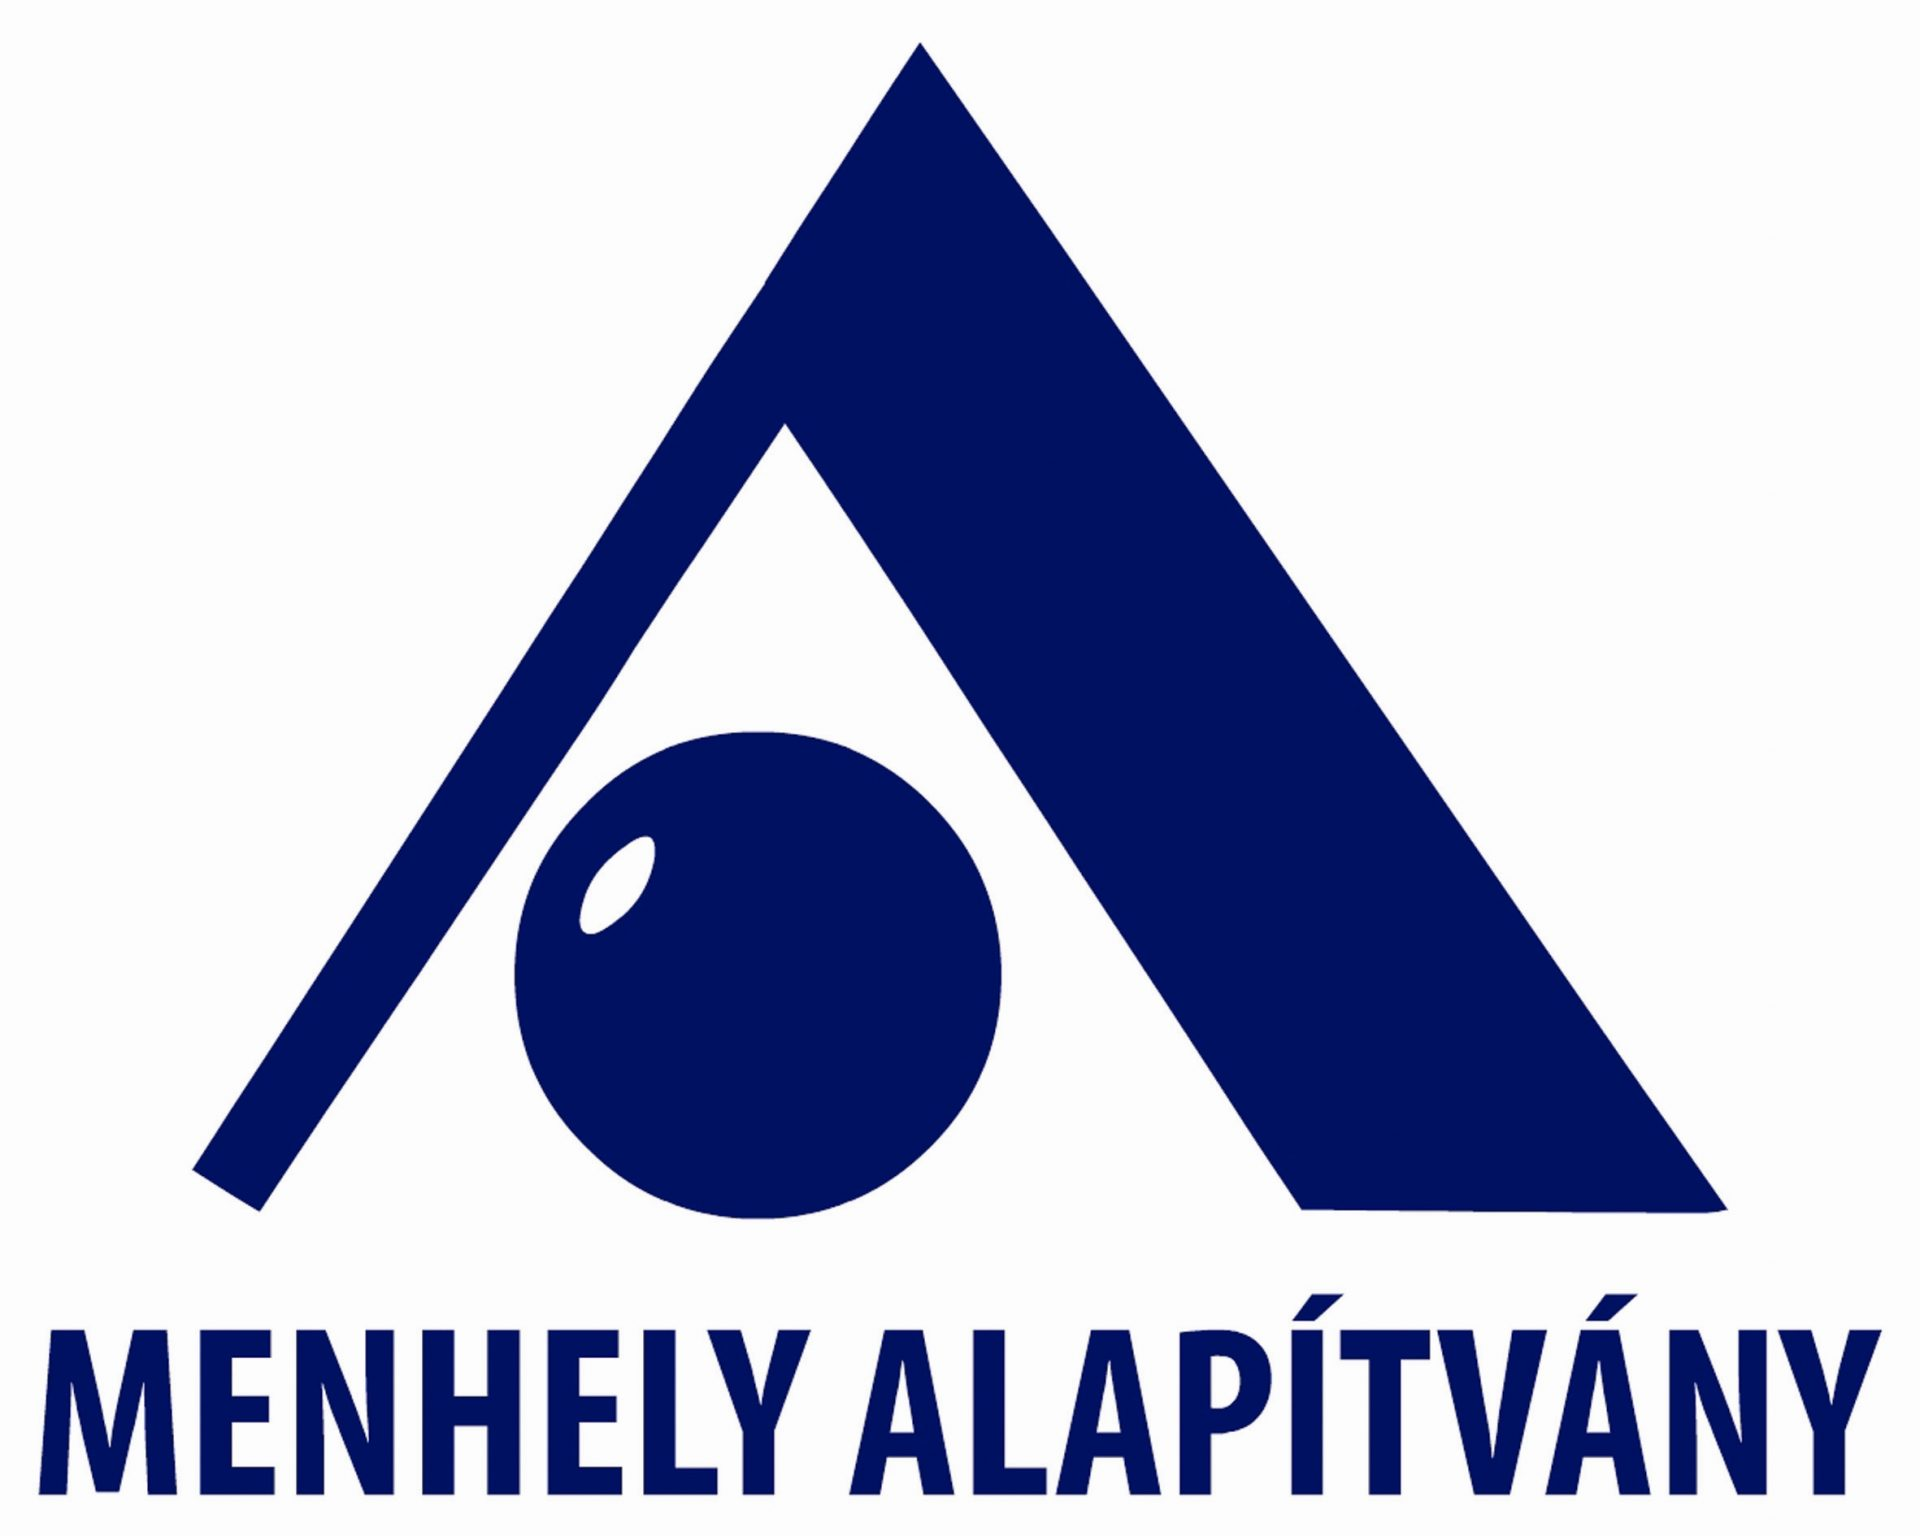 Menhely Alapitvany logo